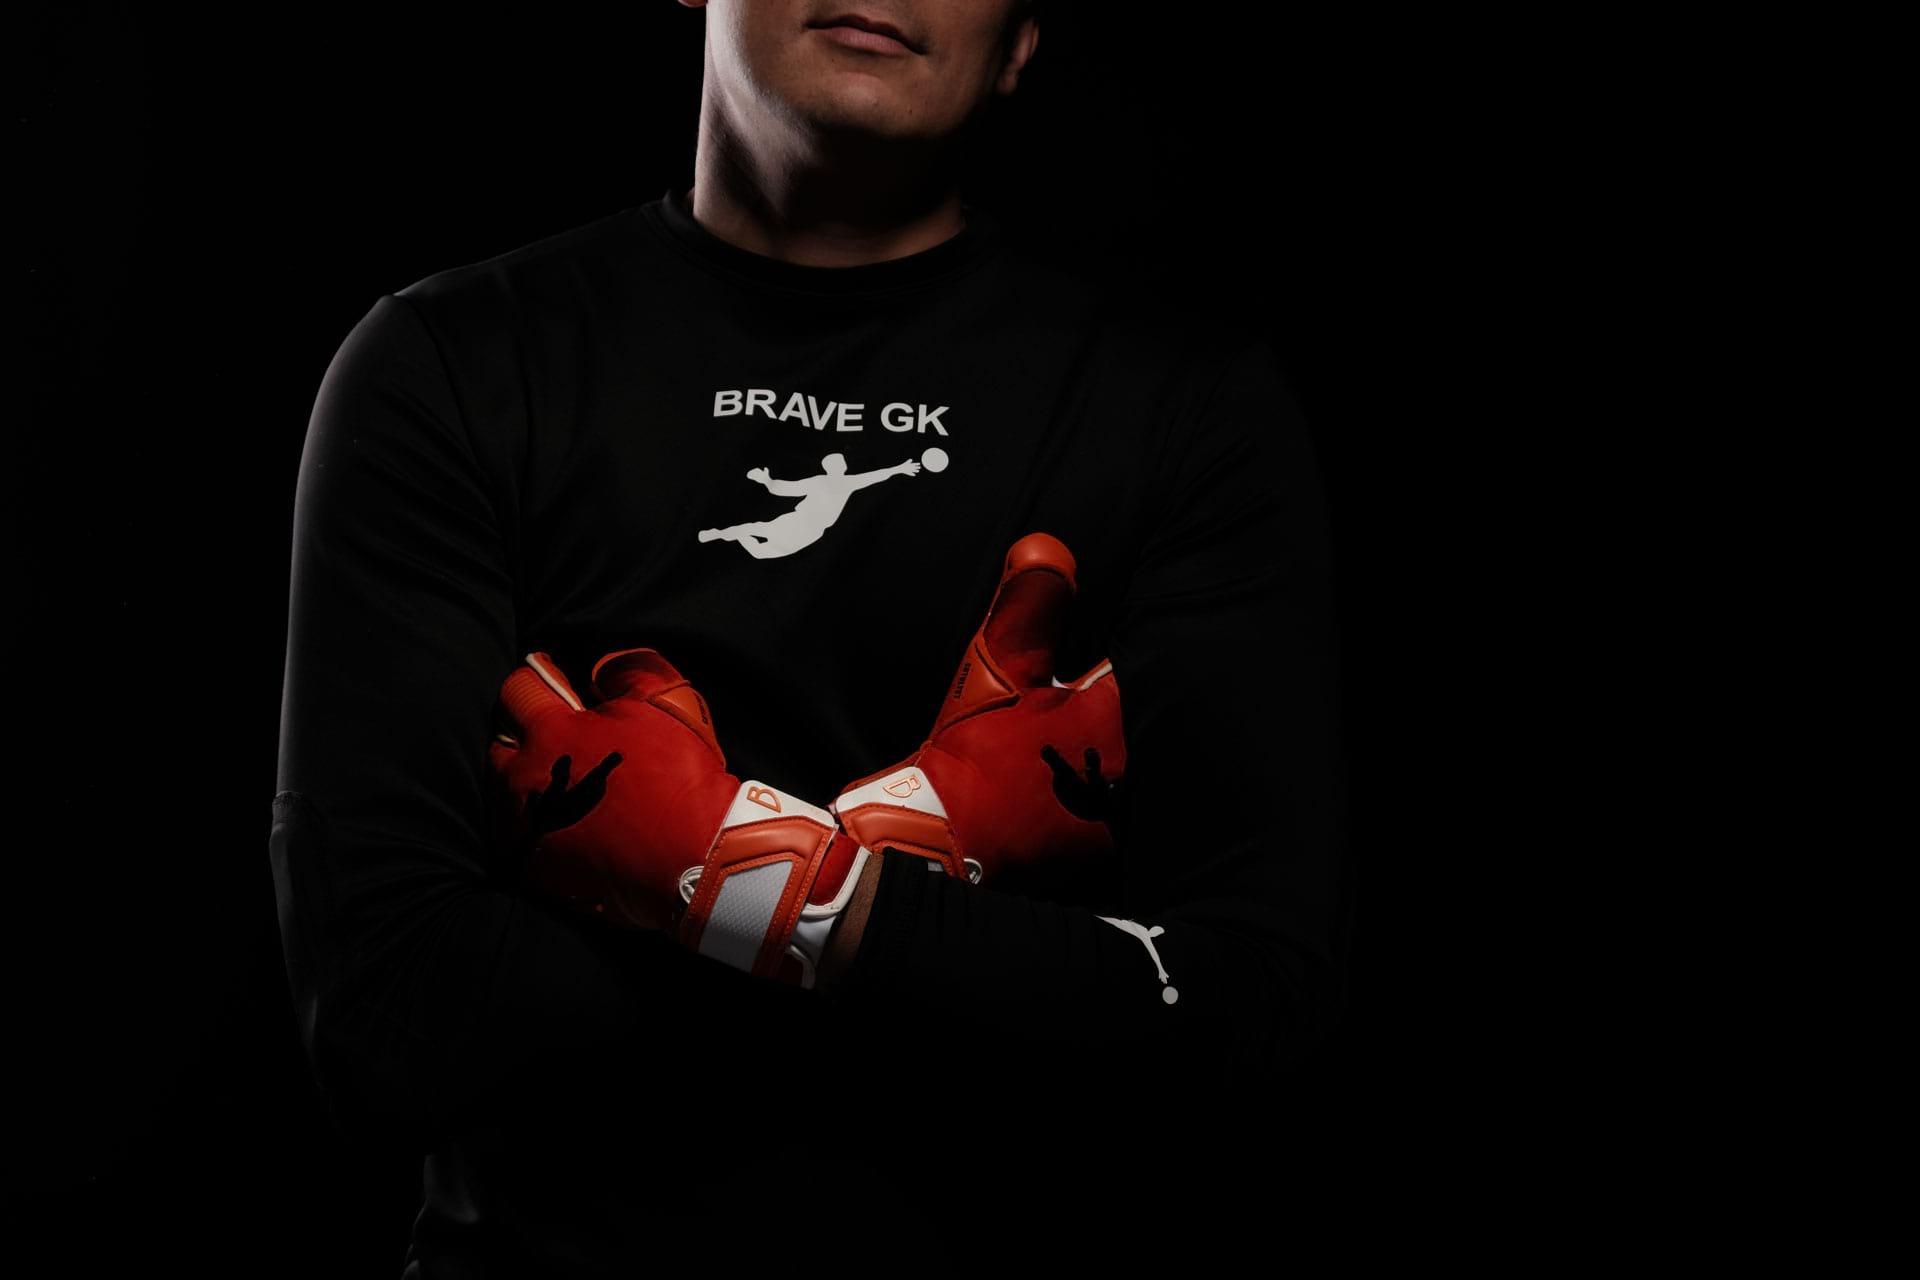 Вратарские перчатки Brave GK PT Negative-официальный интернет-магазин Brave GK